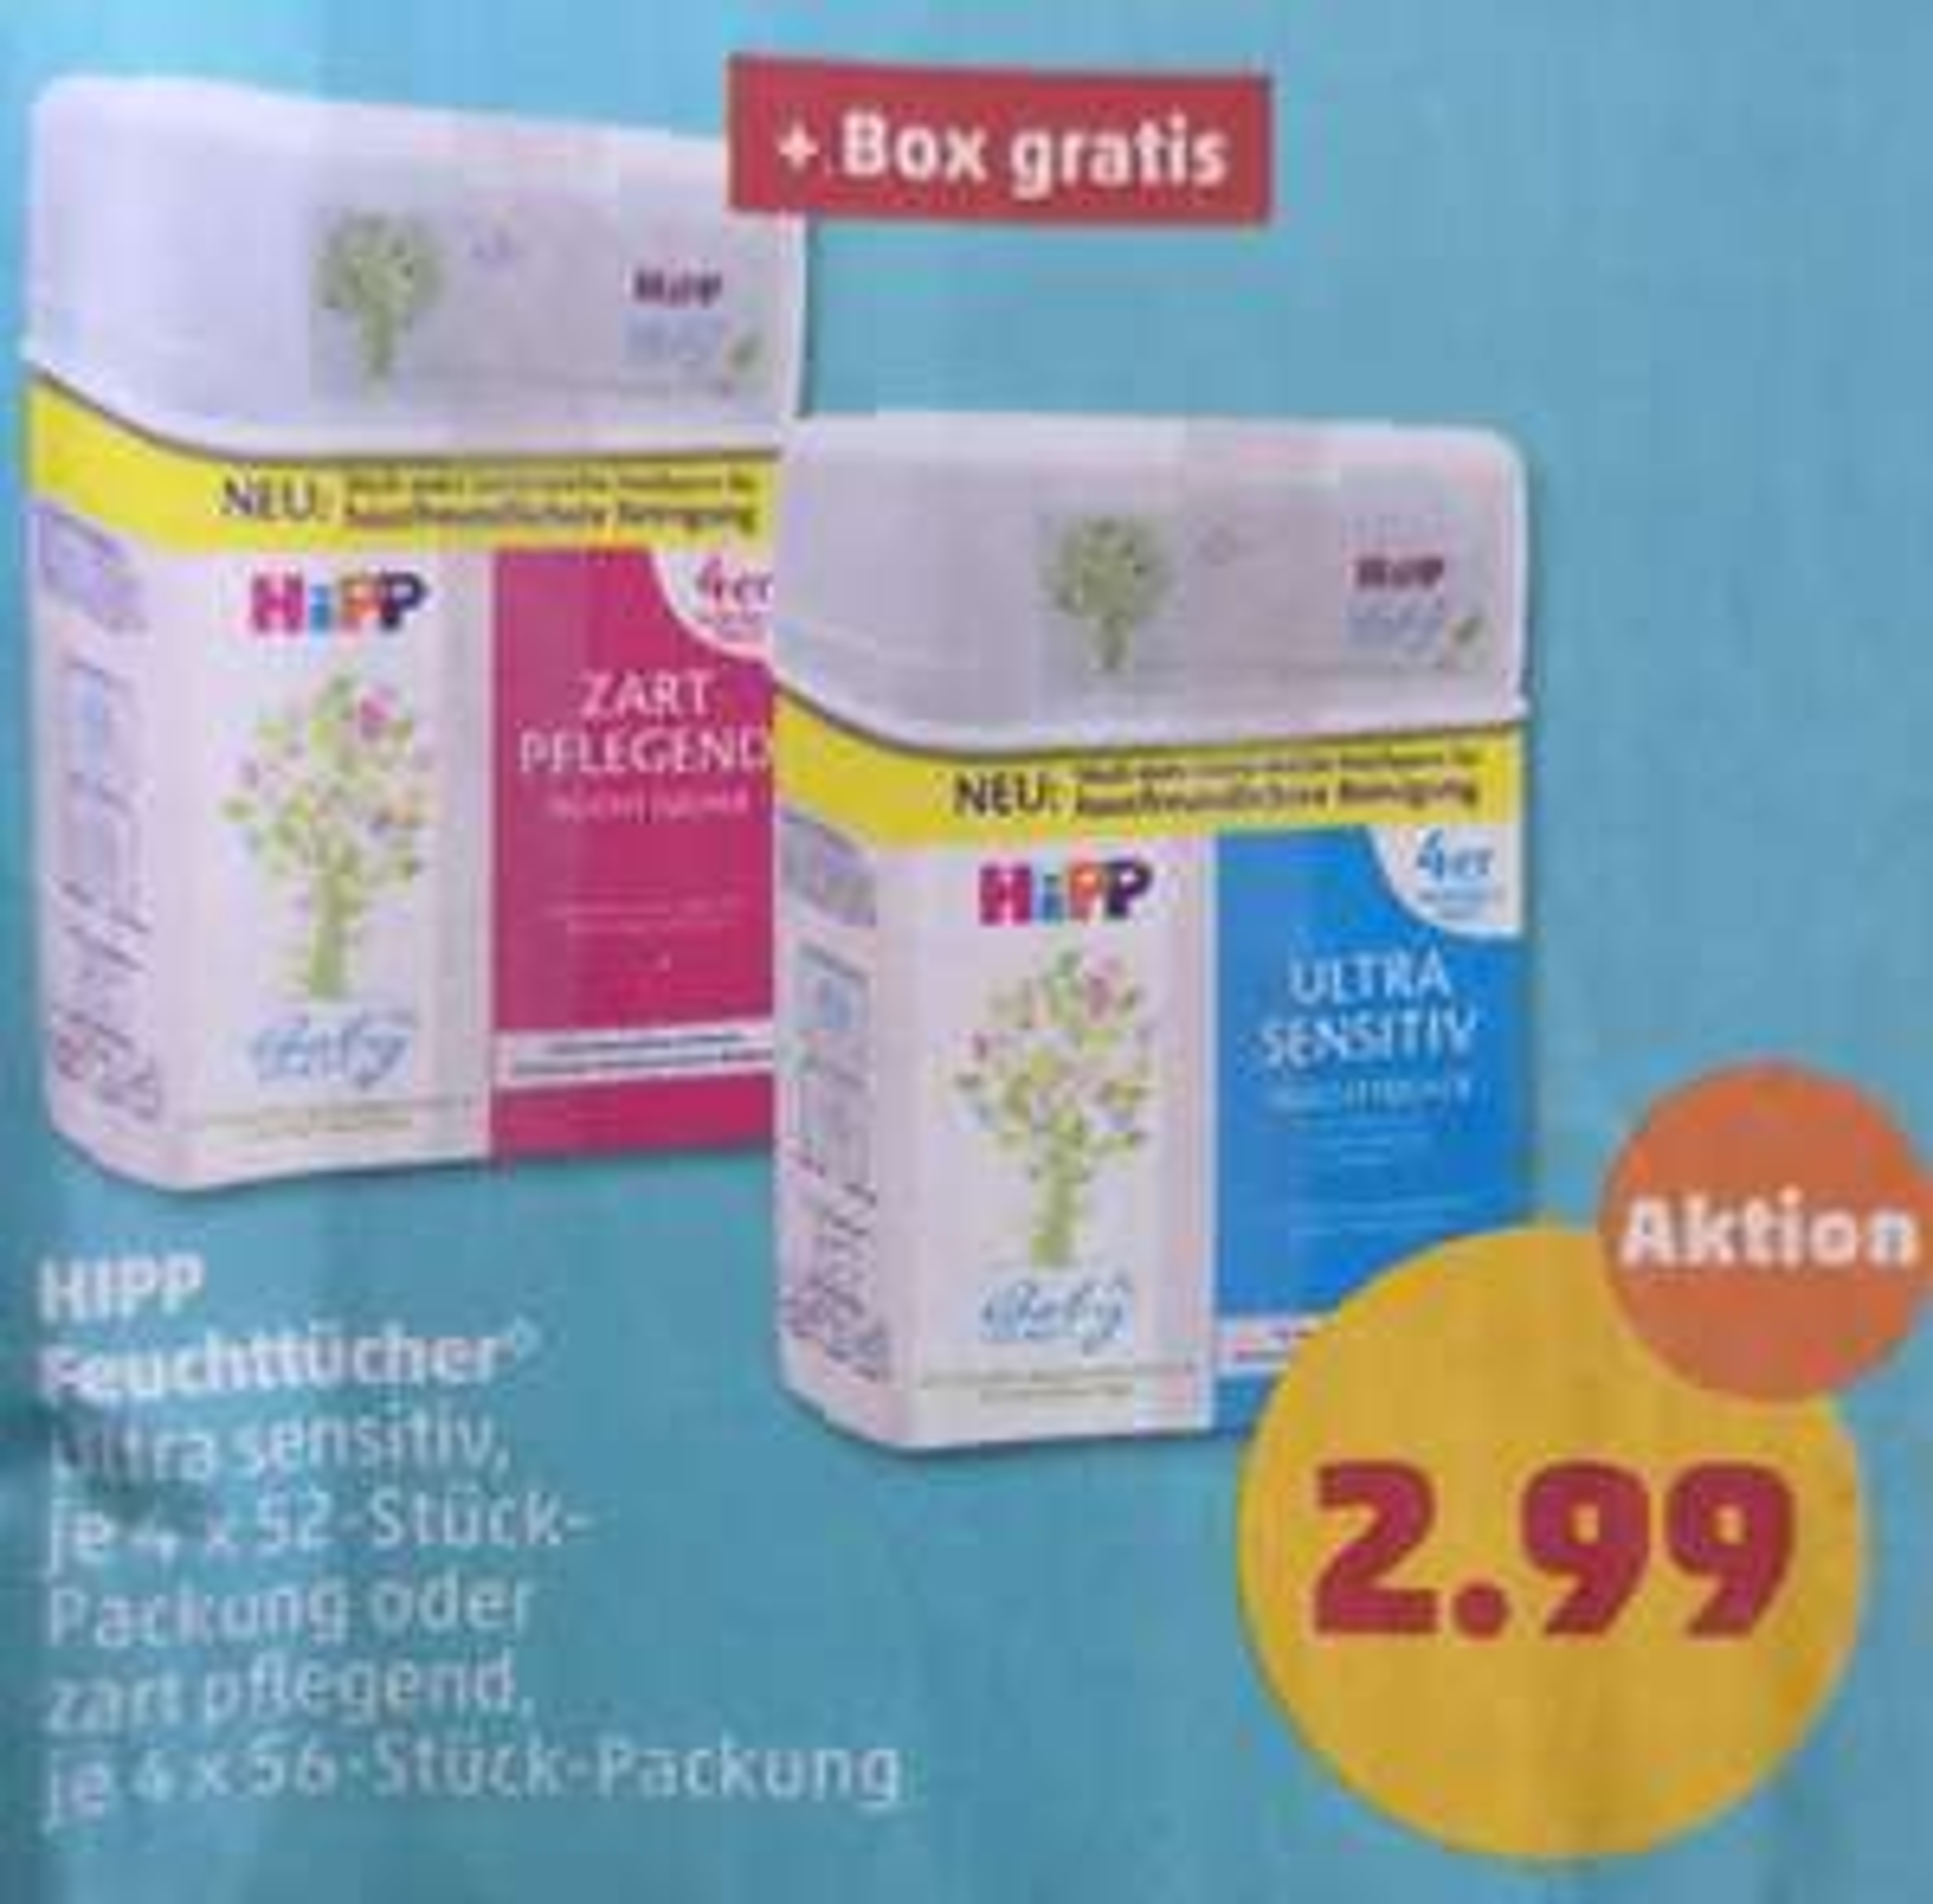 Penny - HiPP - Feuchttücher + Box gratis